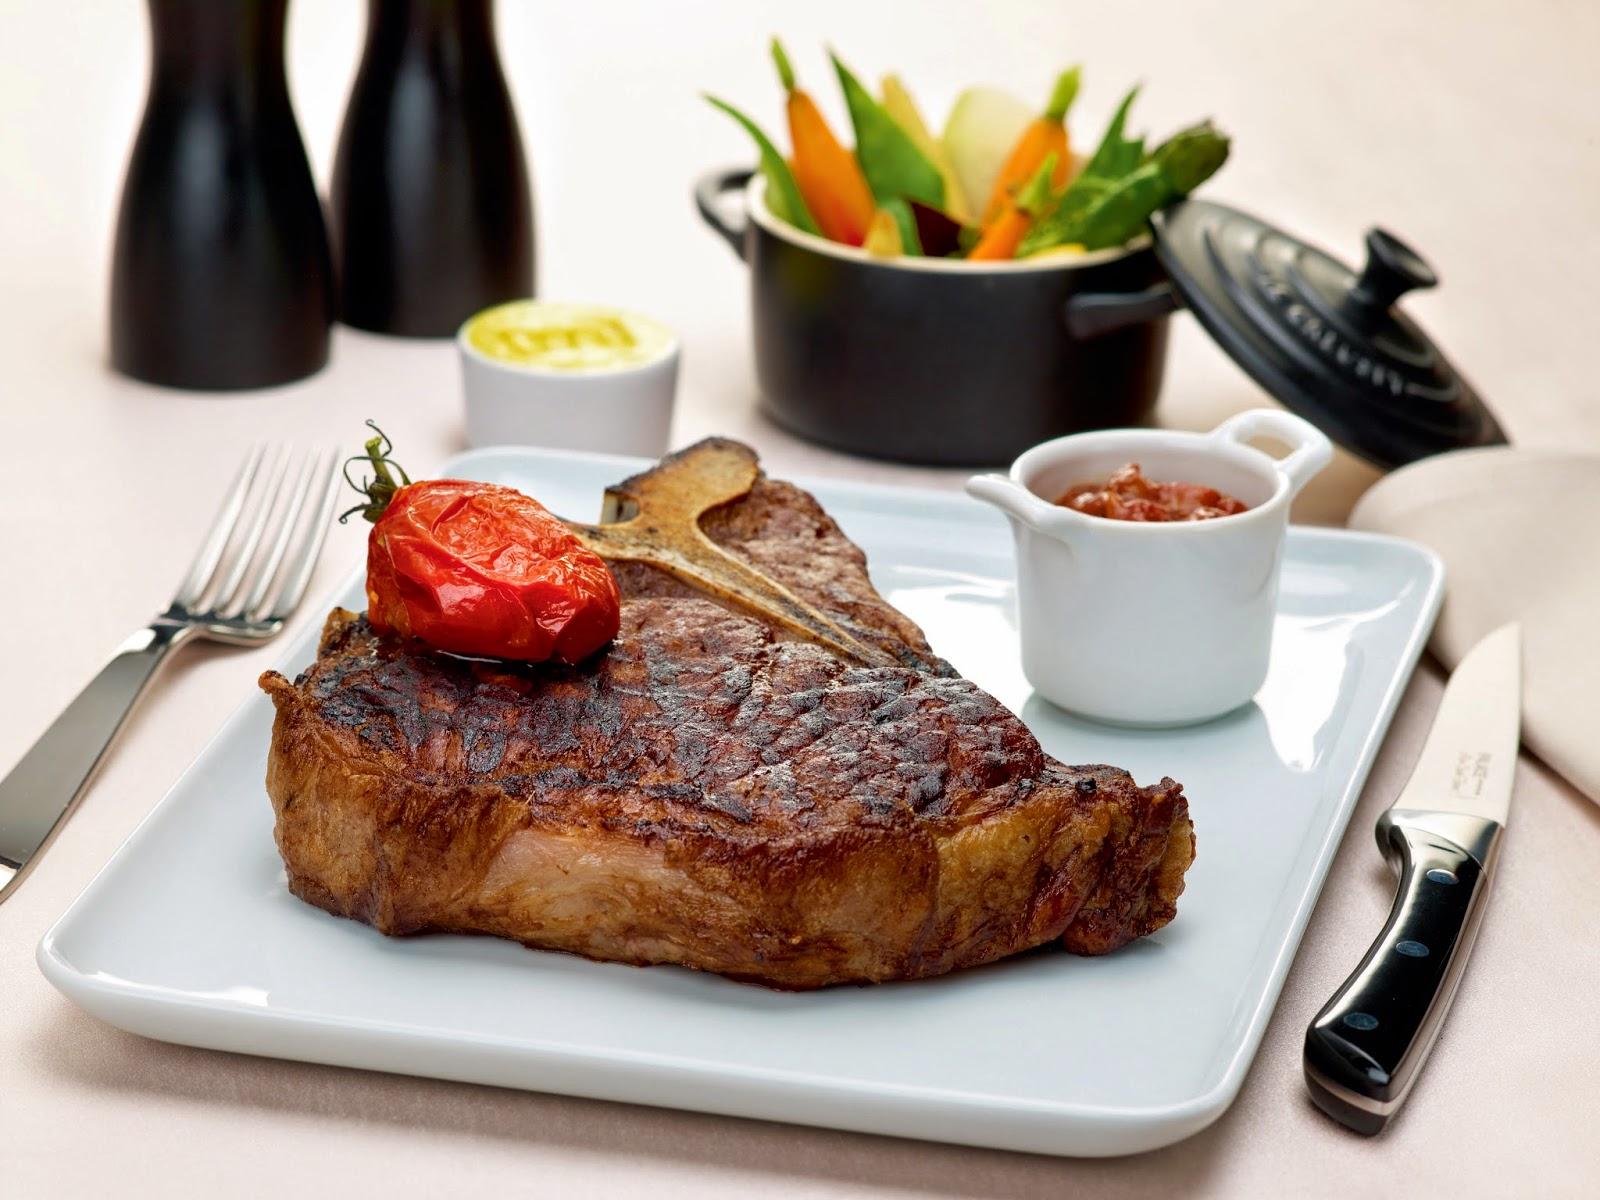 mag21 tipps meatery bar und restaurant stuttgart hier gibt es fleisch fleisch fleisch und. Black Bedroom Furniture Sets. Home Design Ideas